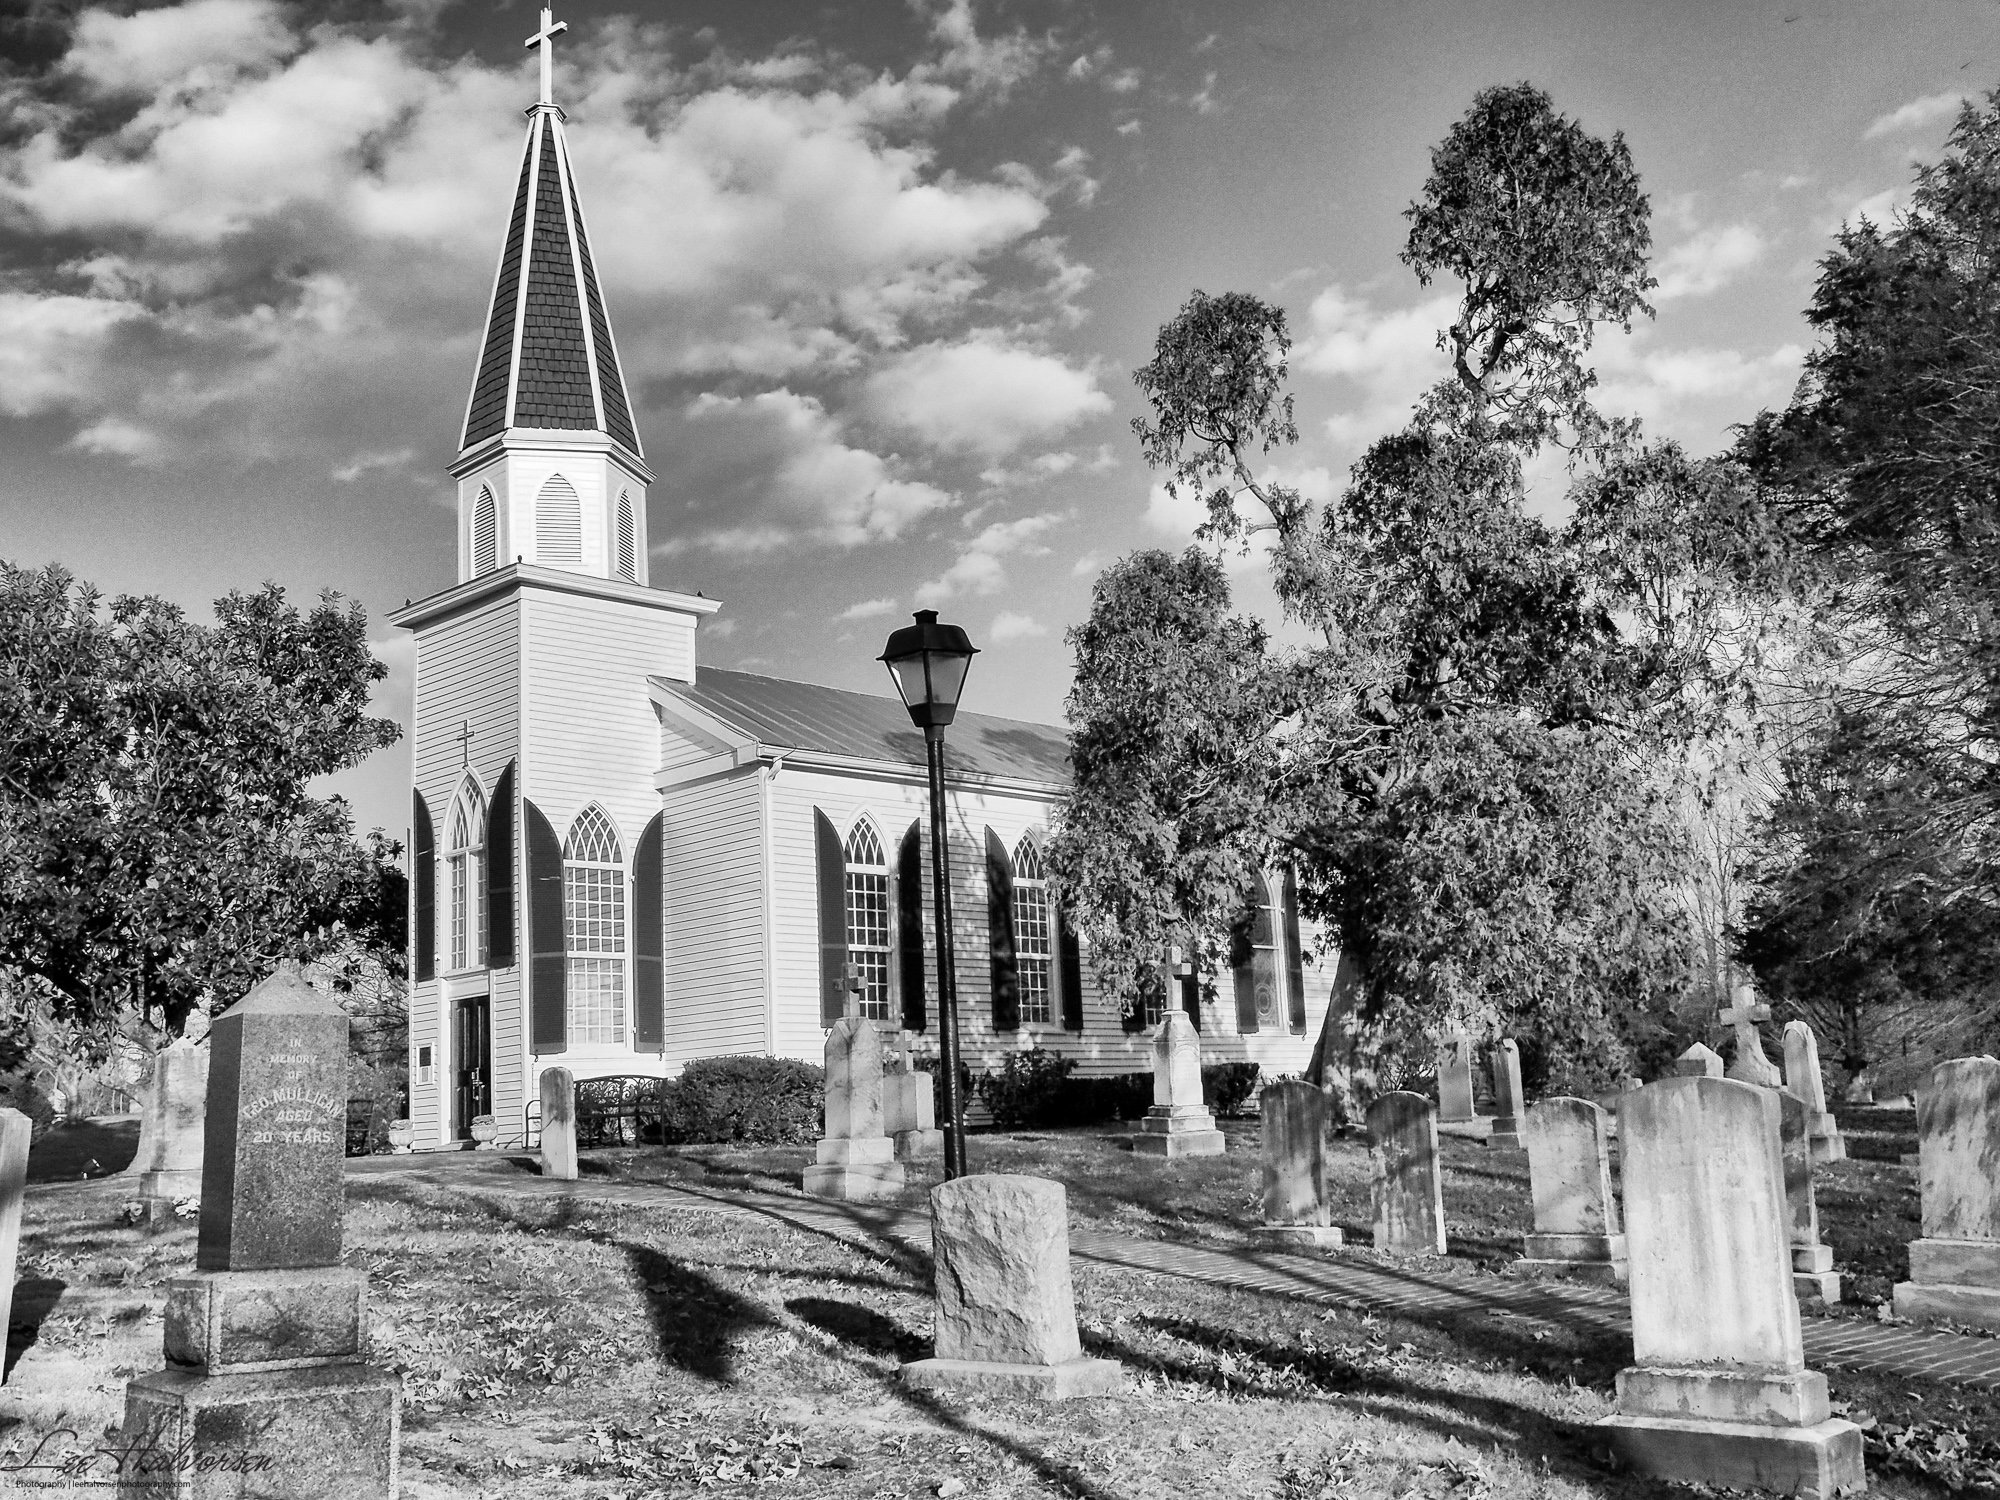 Saint Mary Church of Sorrows